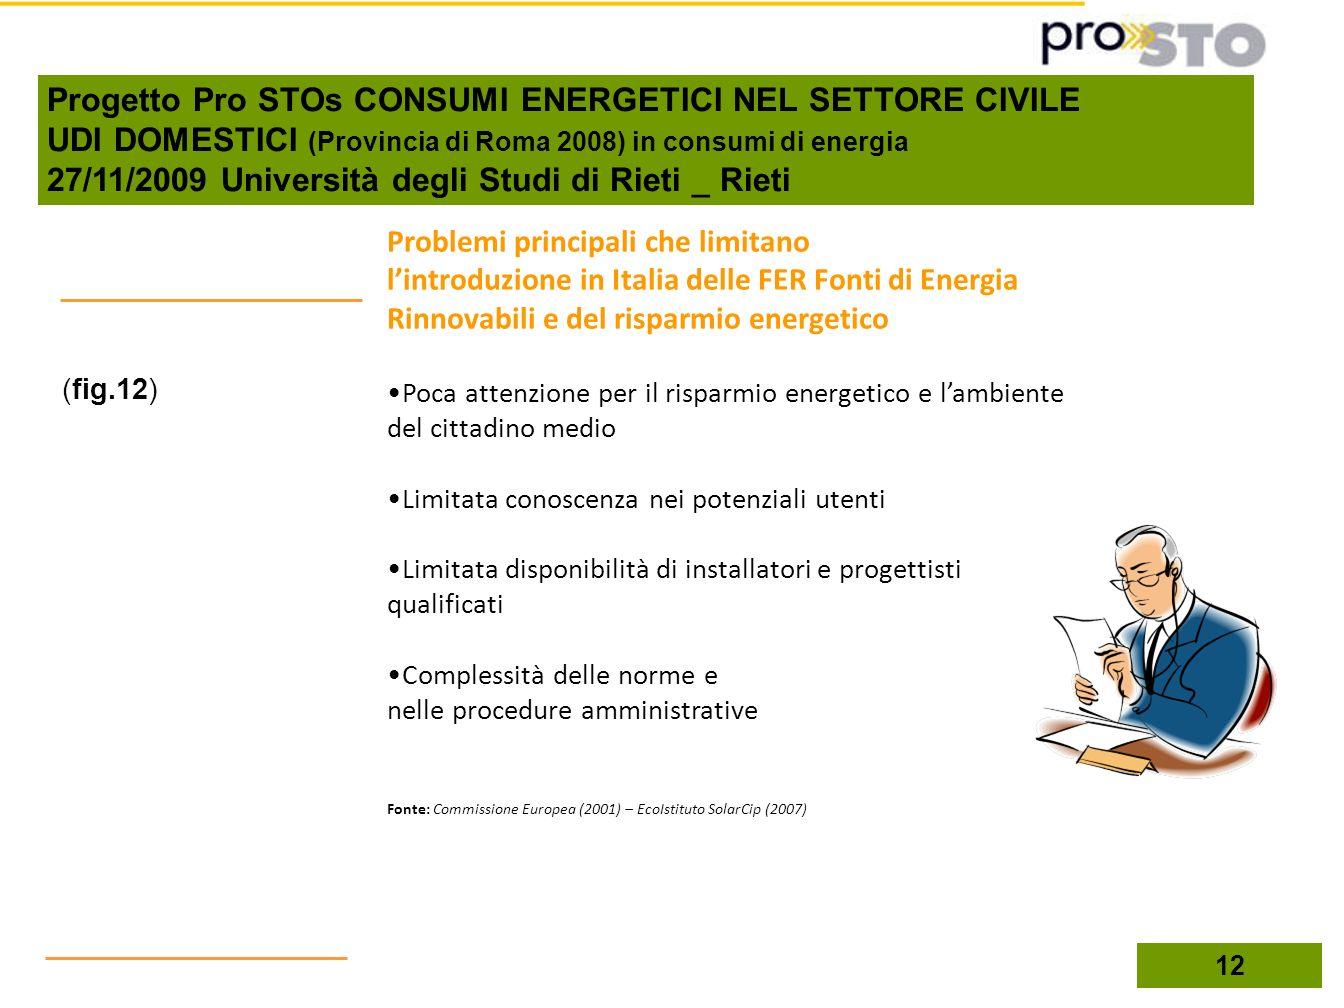 (fig.12) 12 Problemi principali che limitano lintroduzione in Italia delle FER Fonti di Energia Rinnovabili e del risparmio energetico Poca attenzione